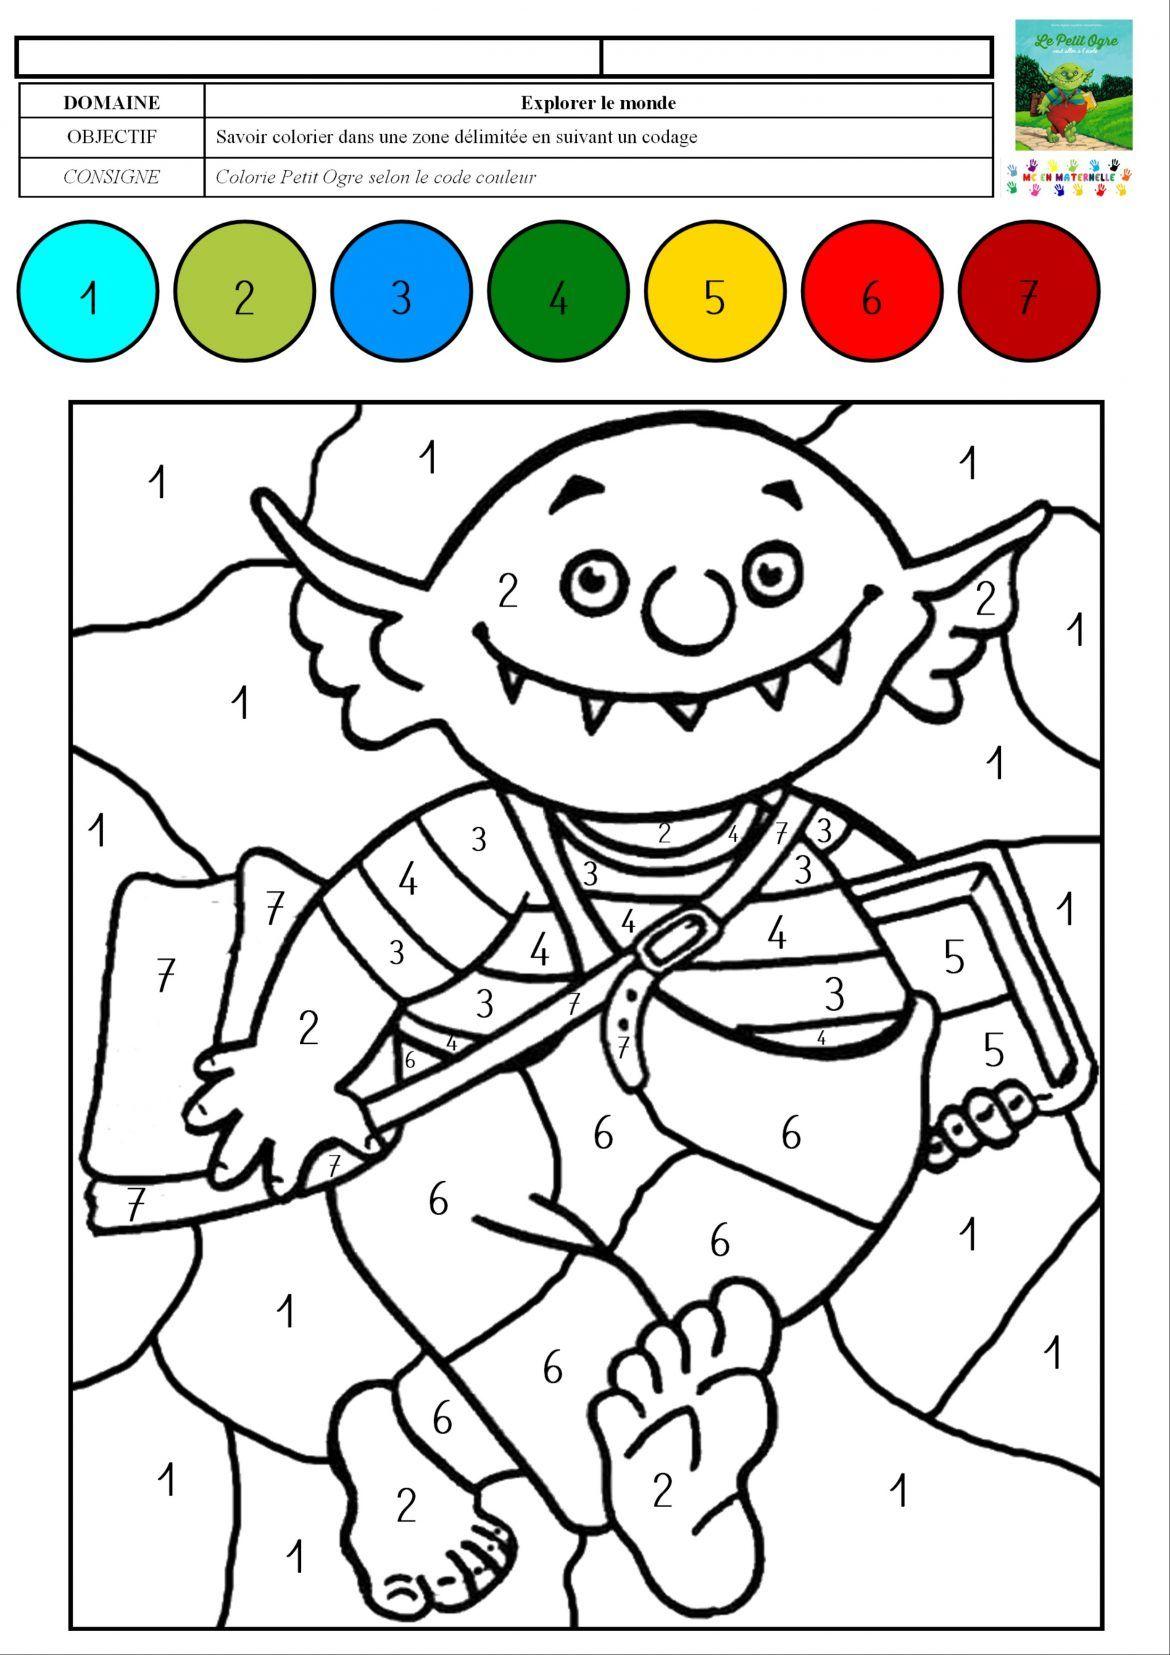 Le petit ogre veut aller  l école coloriage magique avec des chiffres de